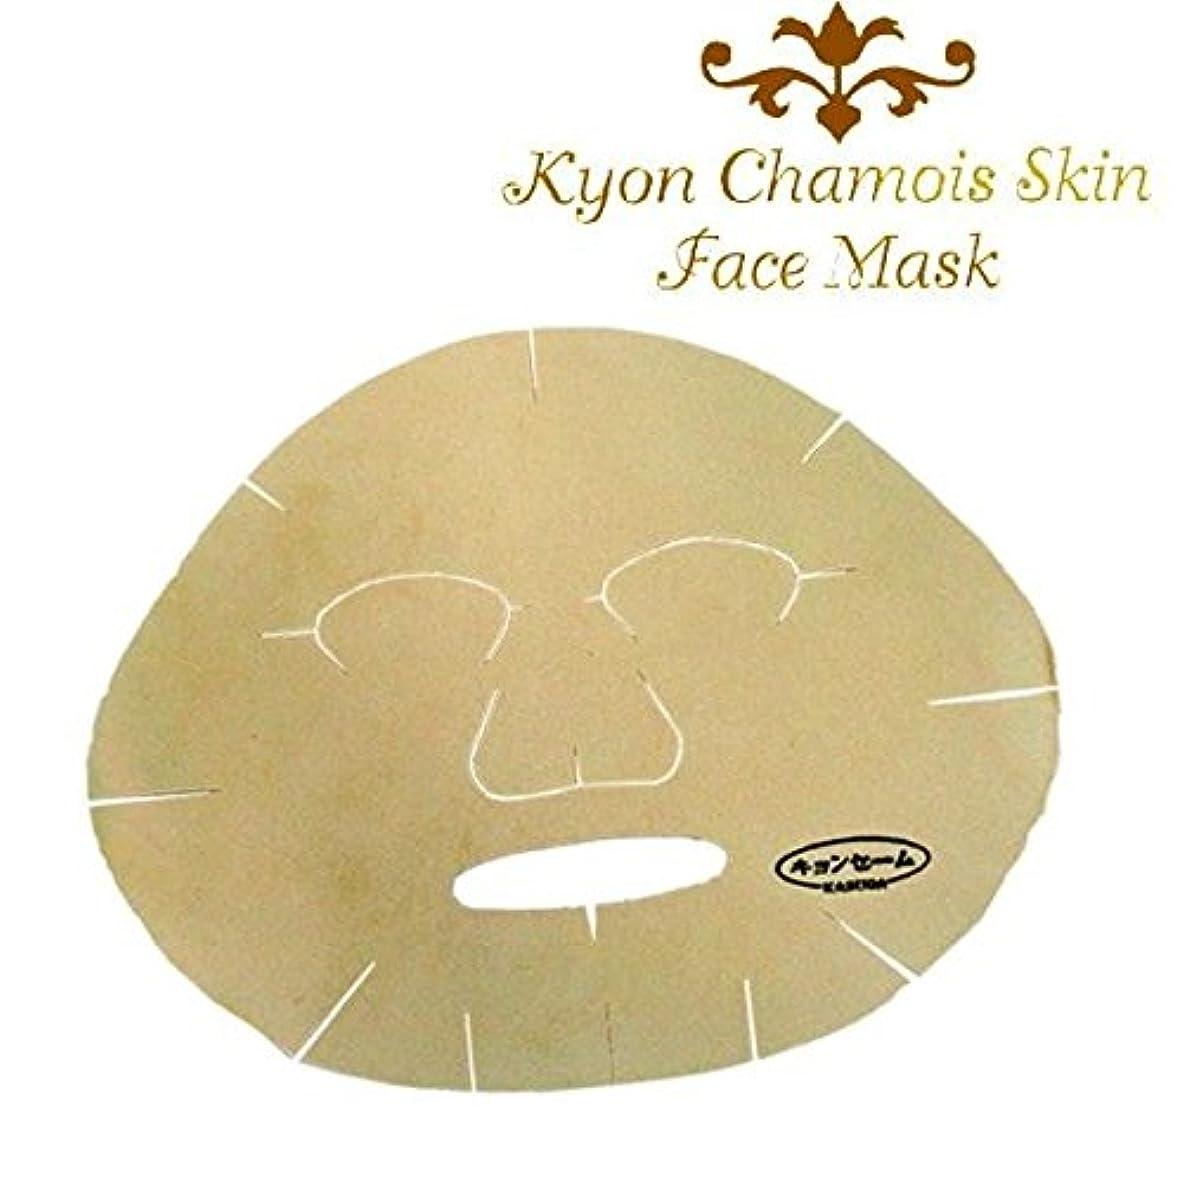 アルカトラズ島収益困惑した春日 スキンケア用キョンセーム フェイスマスク